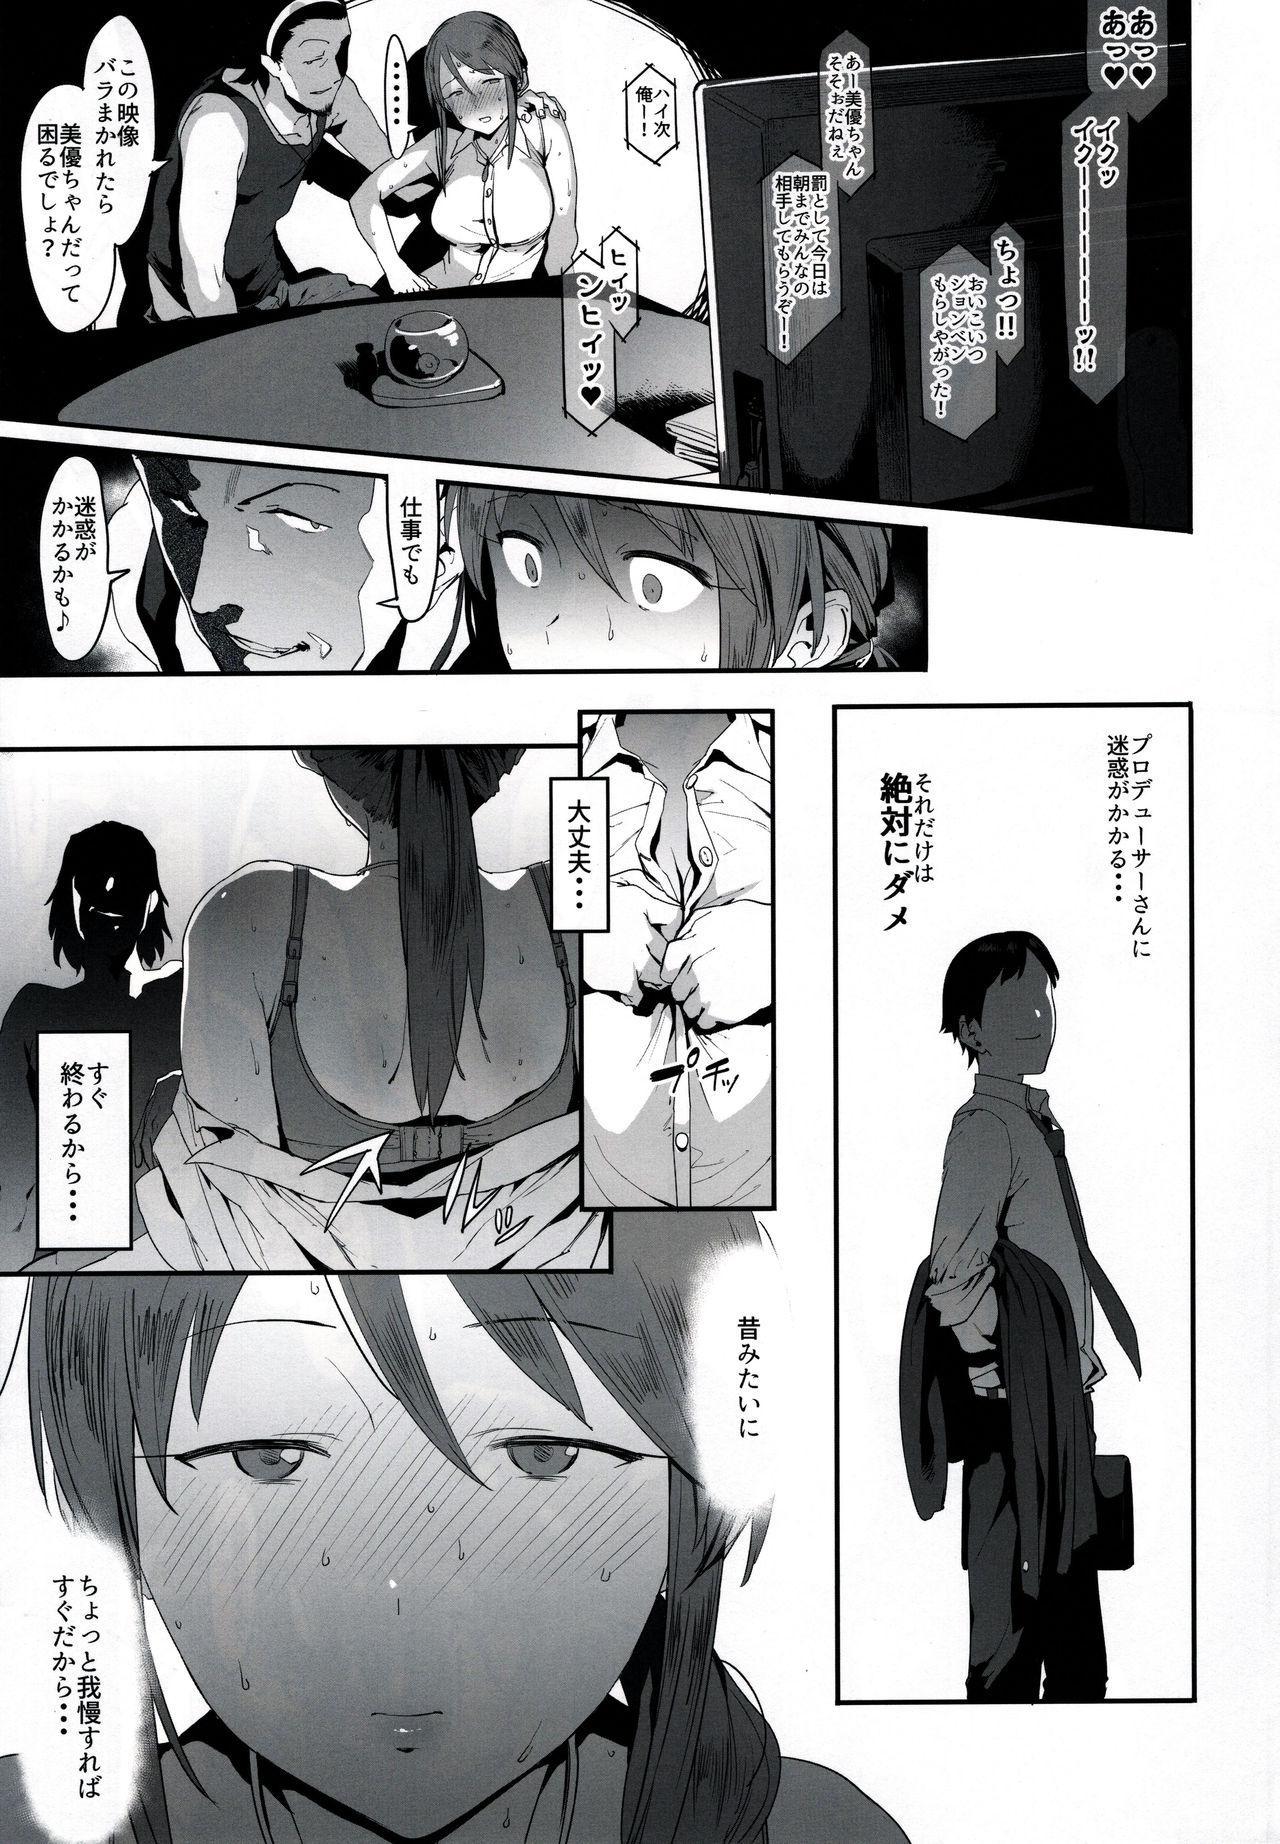 Mifune Miyu no Koukai 7